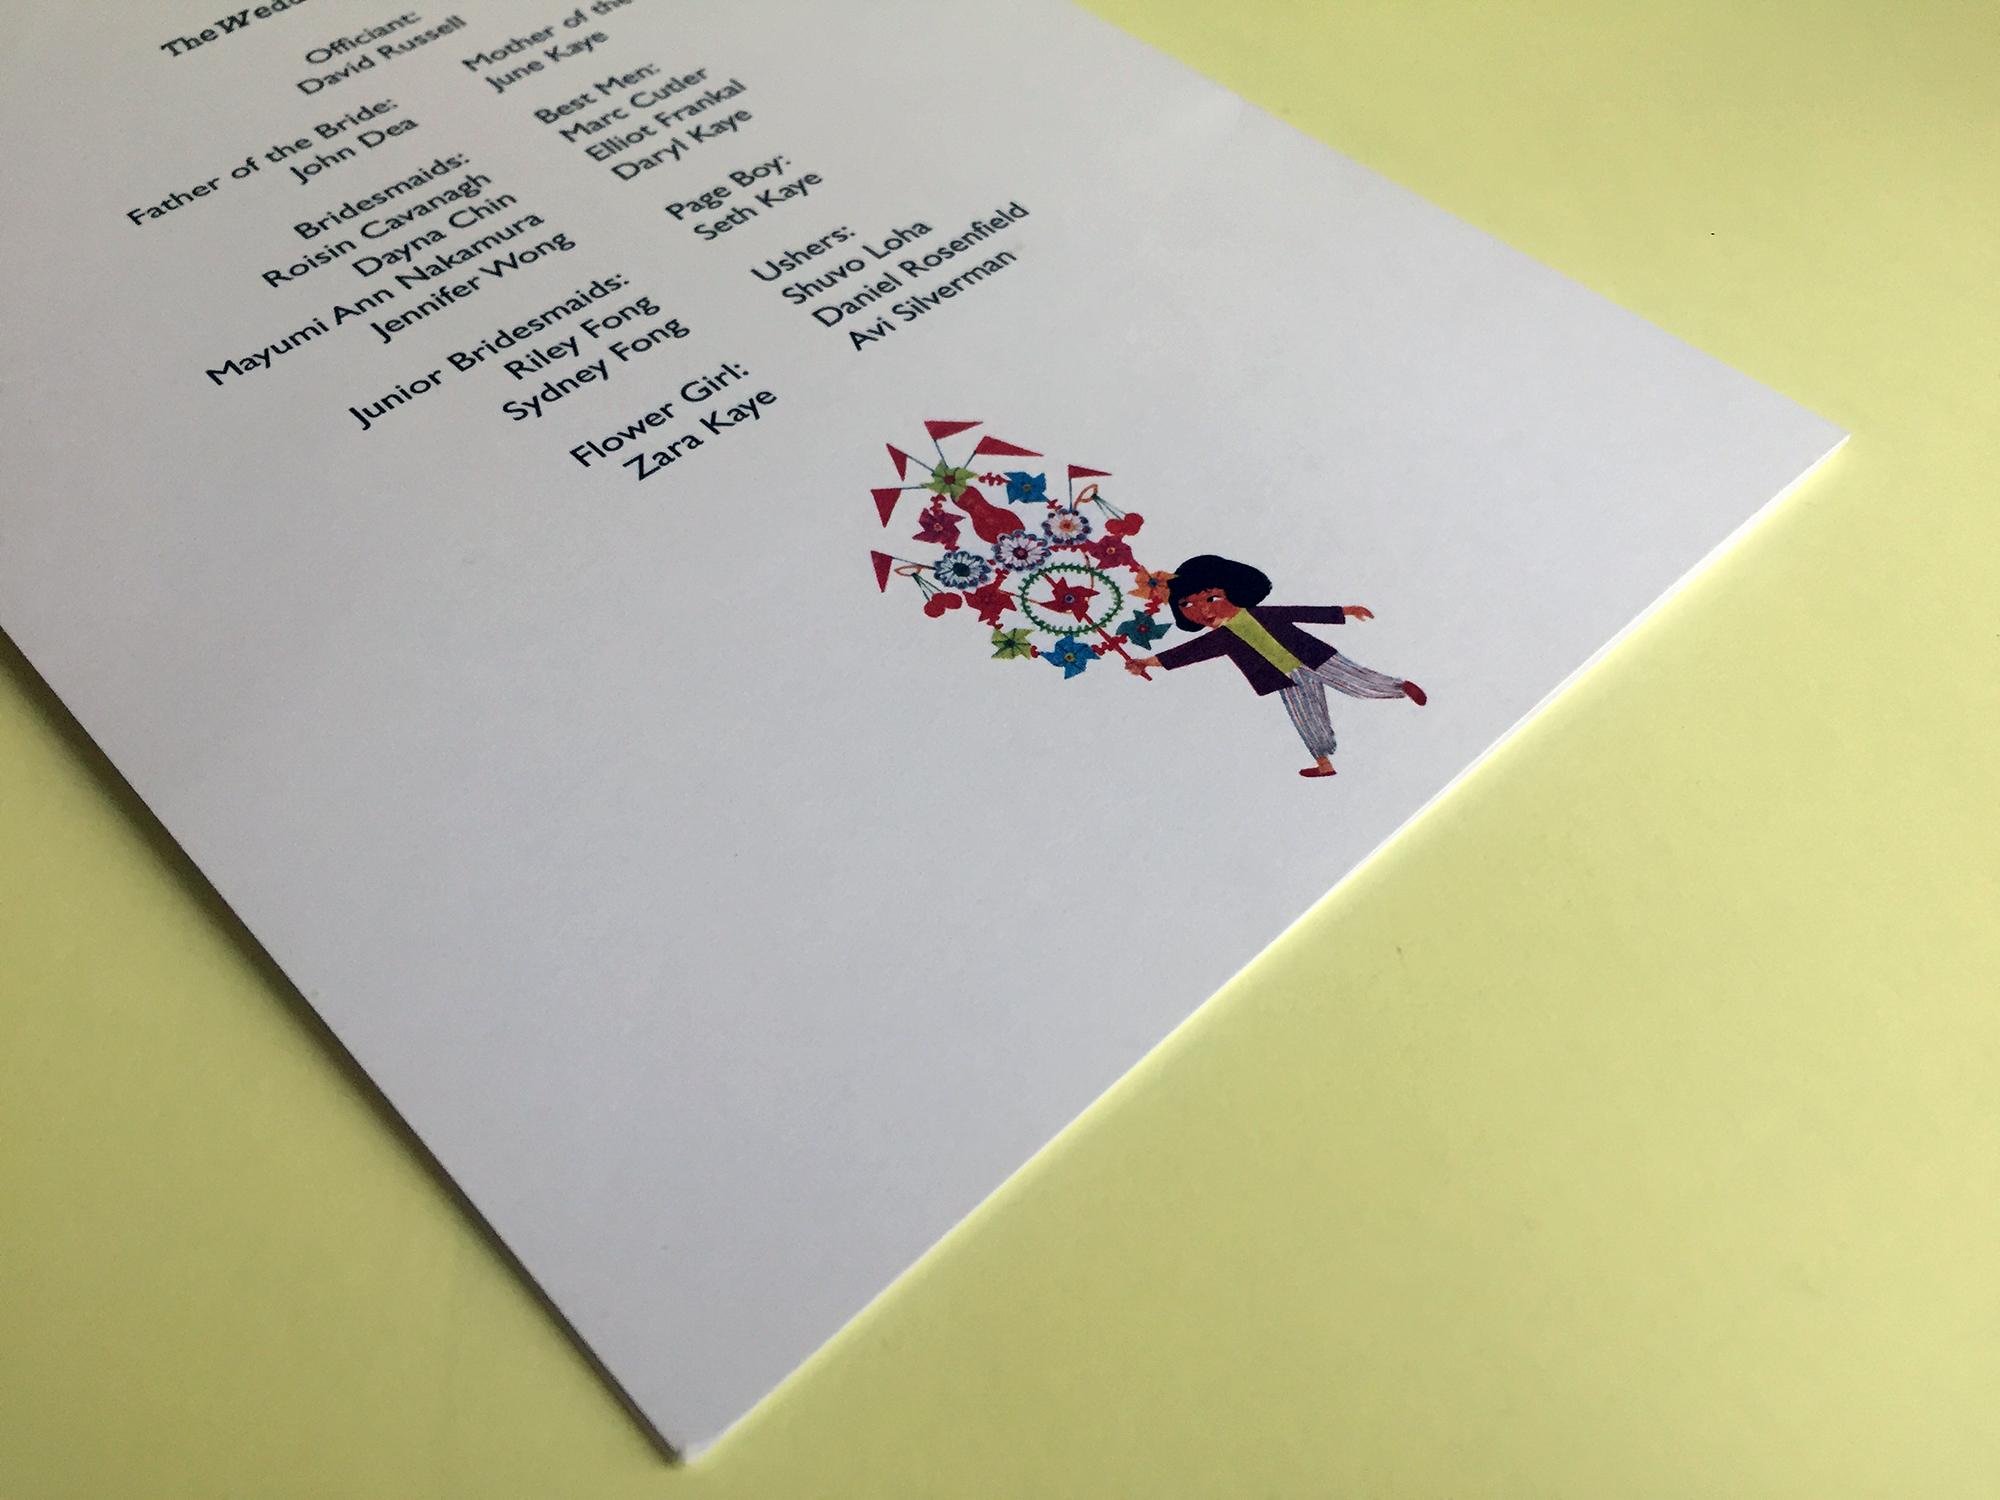 sasekwedding-programme-yellow.jpg